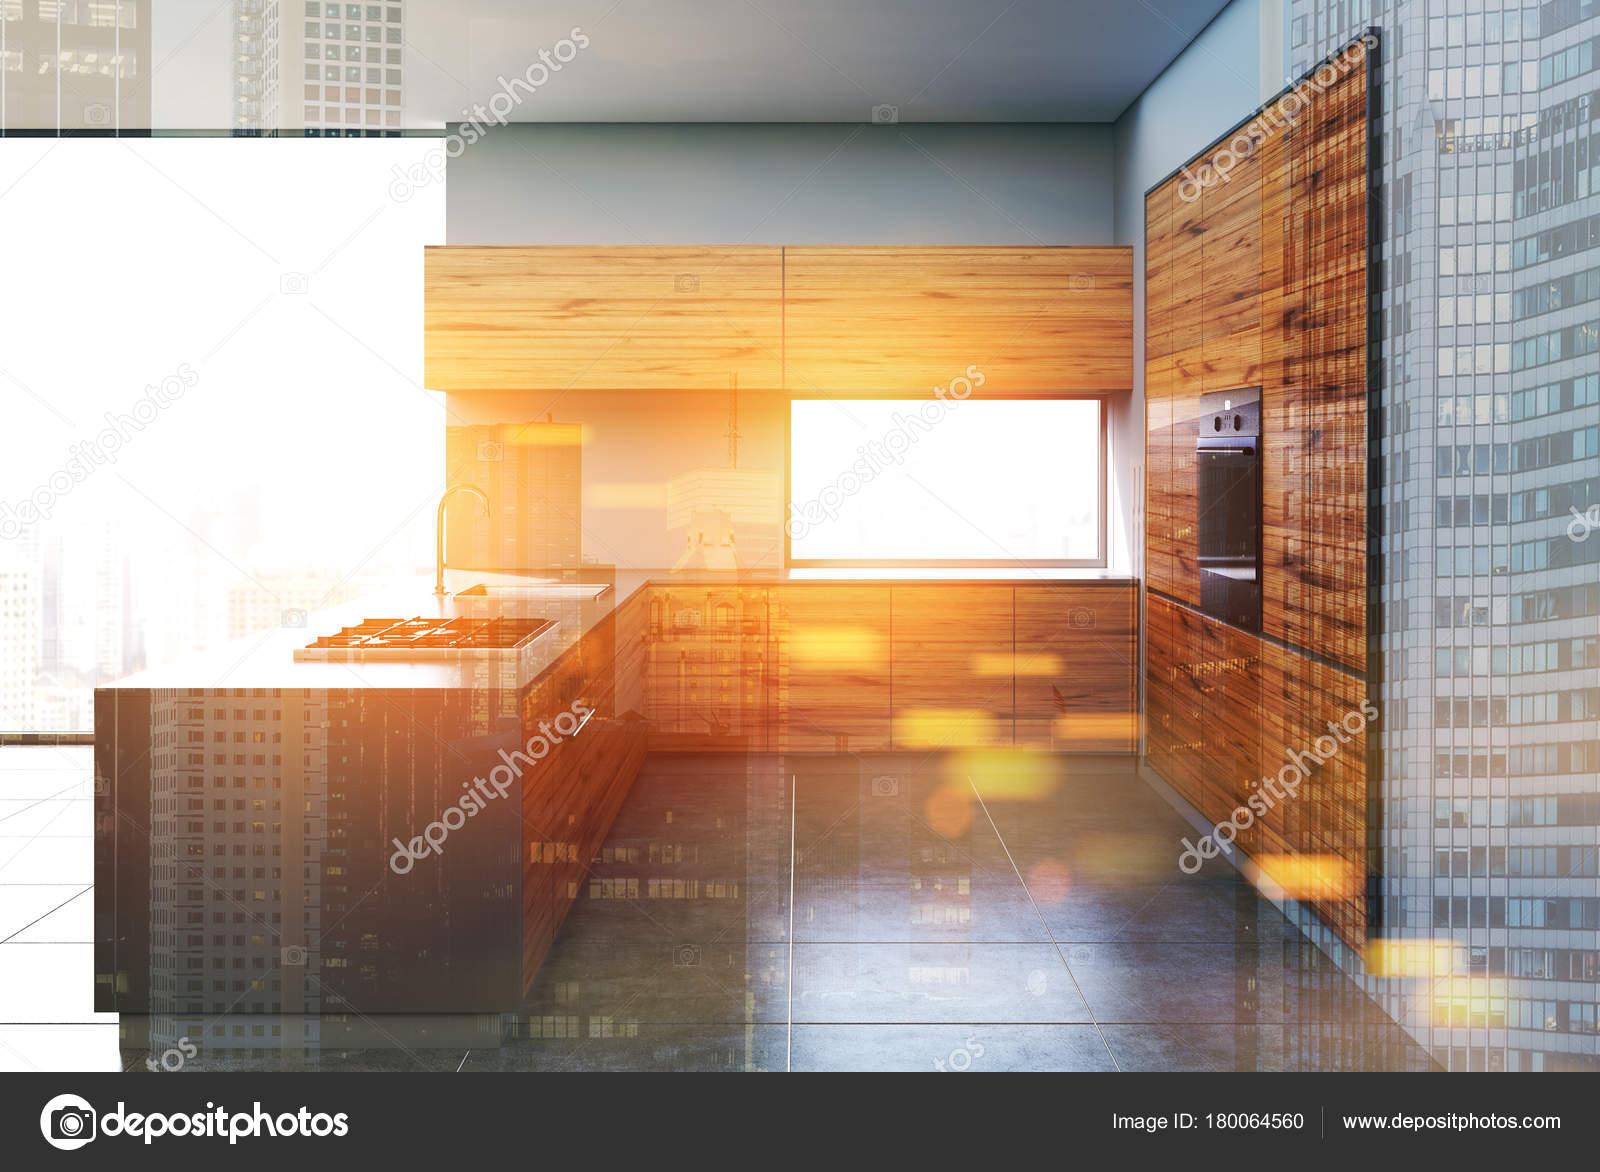 kitchen shades cabinet moulding 灰色和深色的木制厨房色调 图库照片 c denisismagilov 180064560